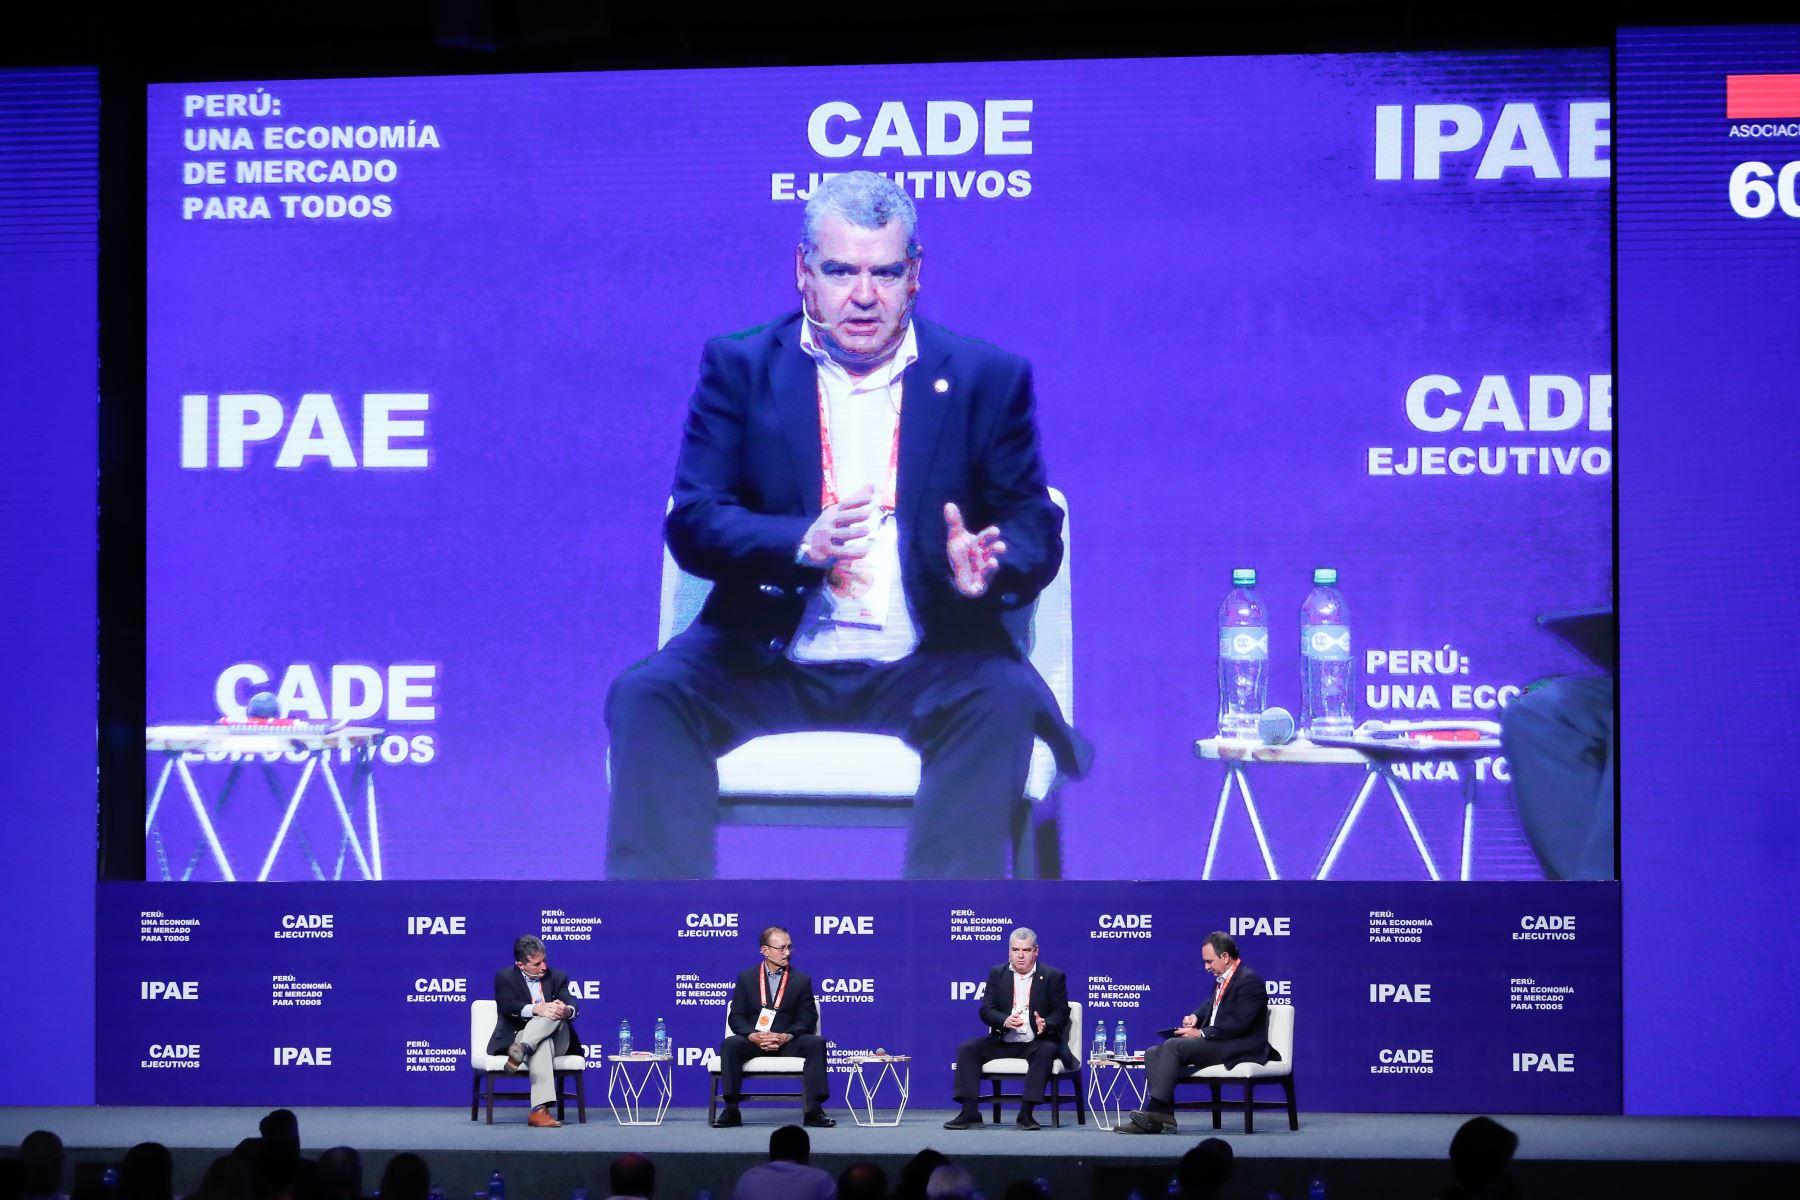 José Antonio Vázquez Taín, juez de lo Penal en A Coruña debate Narcotráfico y minería ilegal, una amenaza para el país en CADE 2019. Foto: ANDINA/Renato Pajuelo